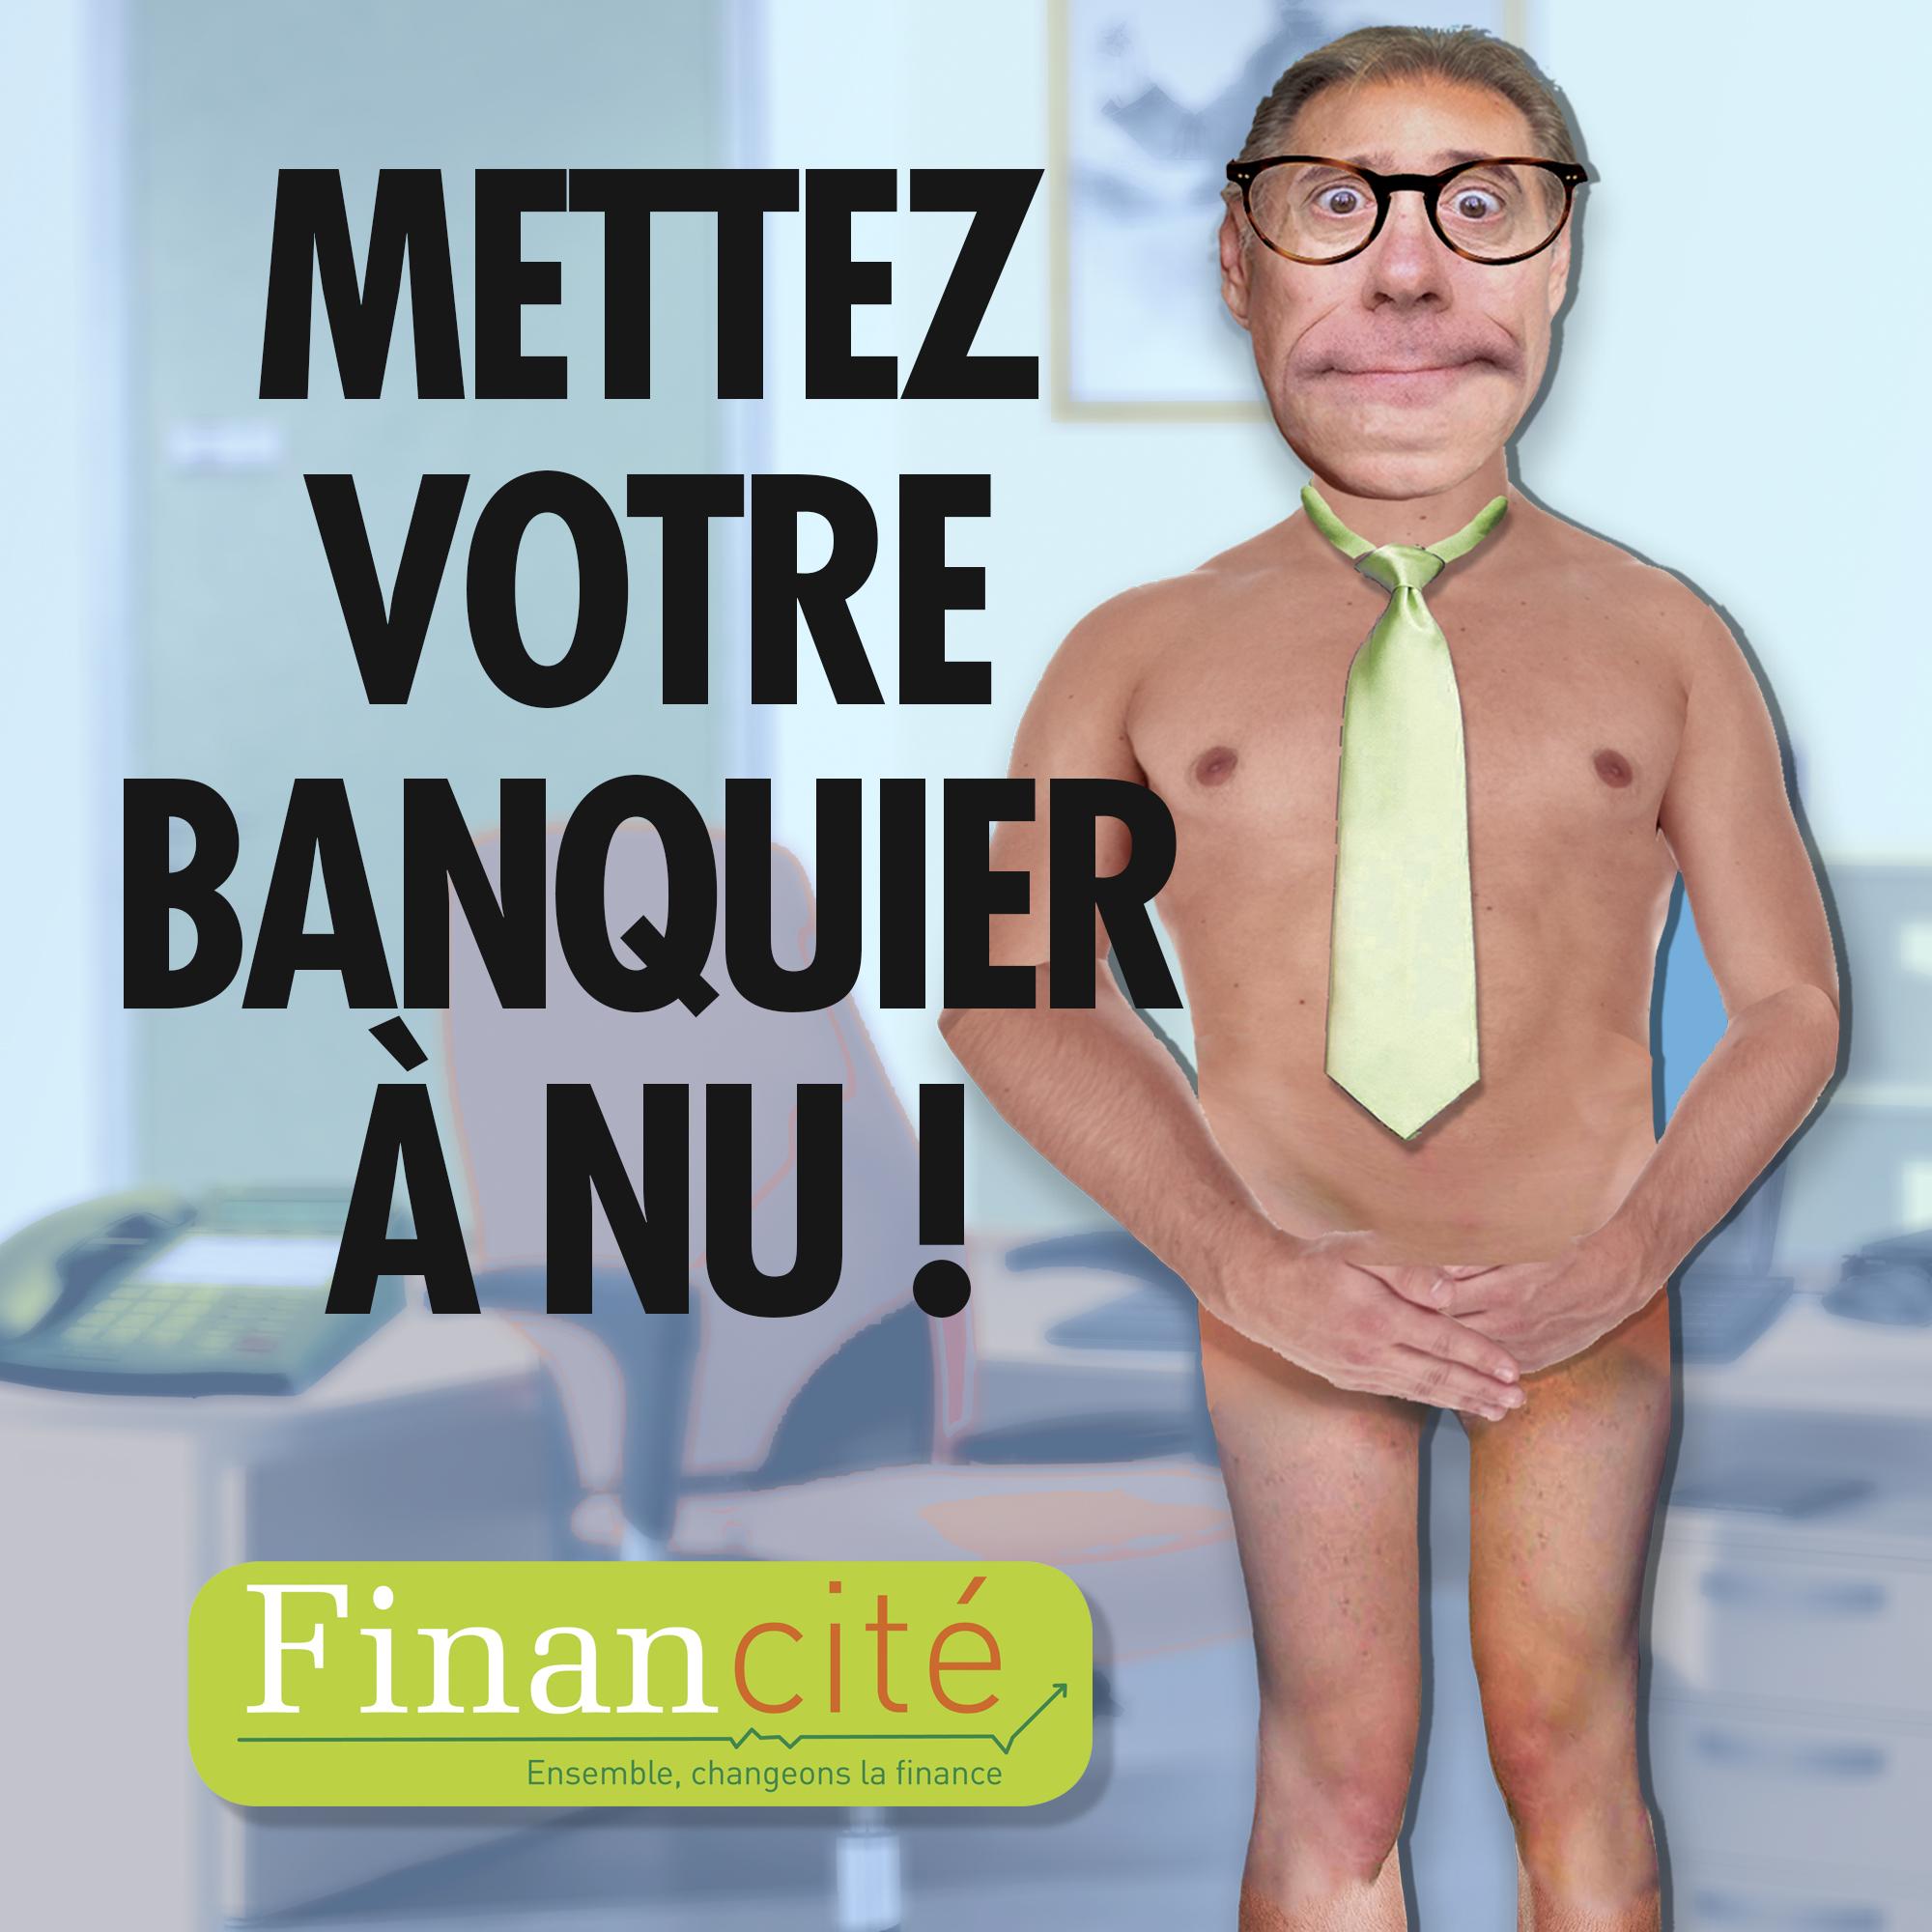 Mettez votre banquier à nu